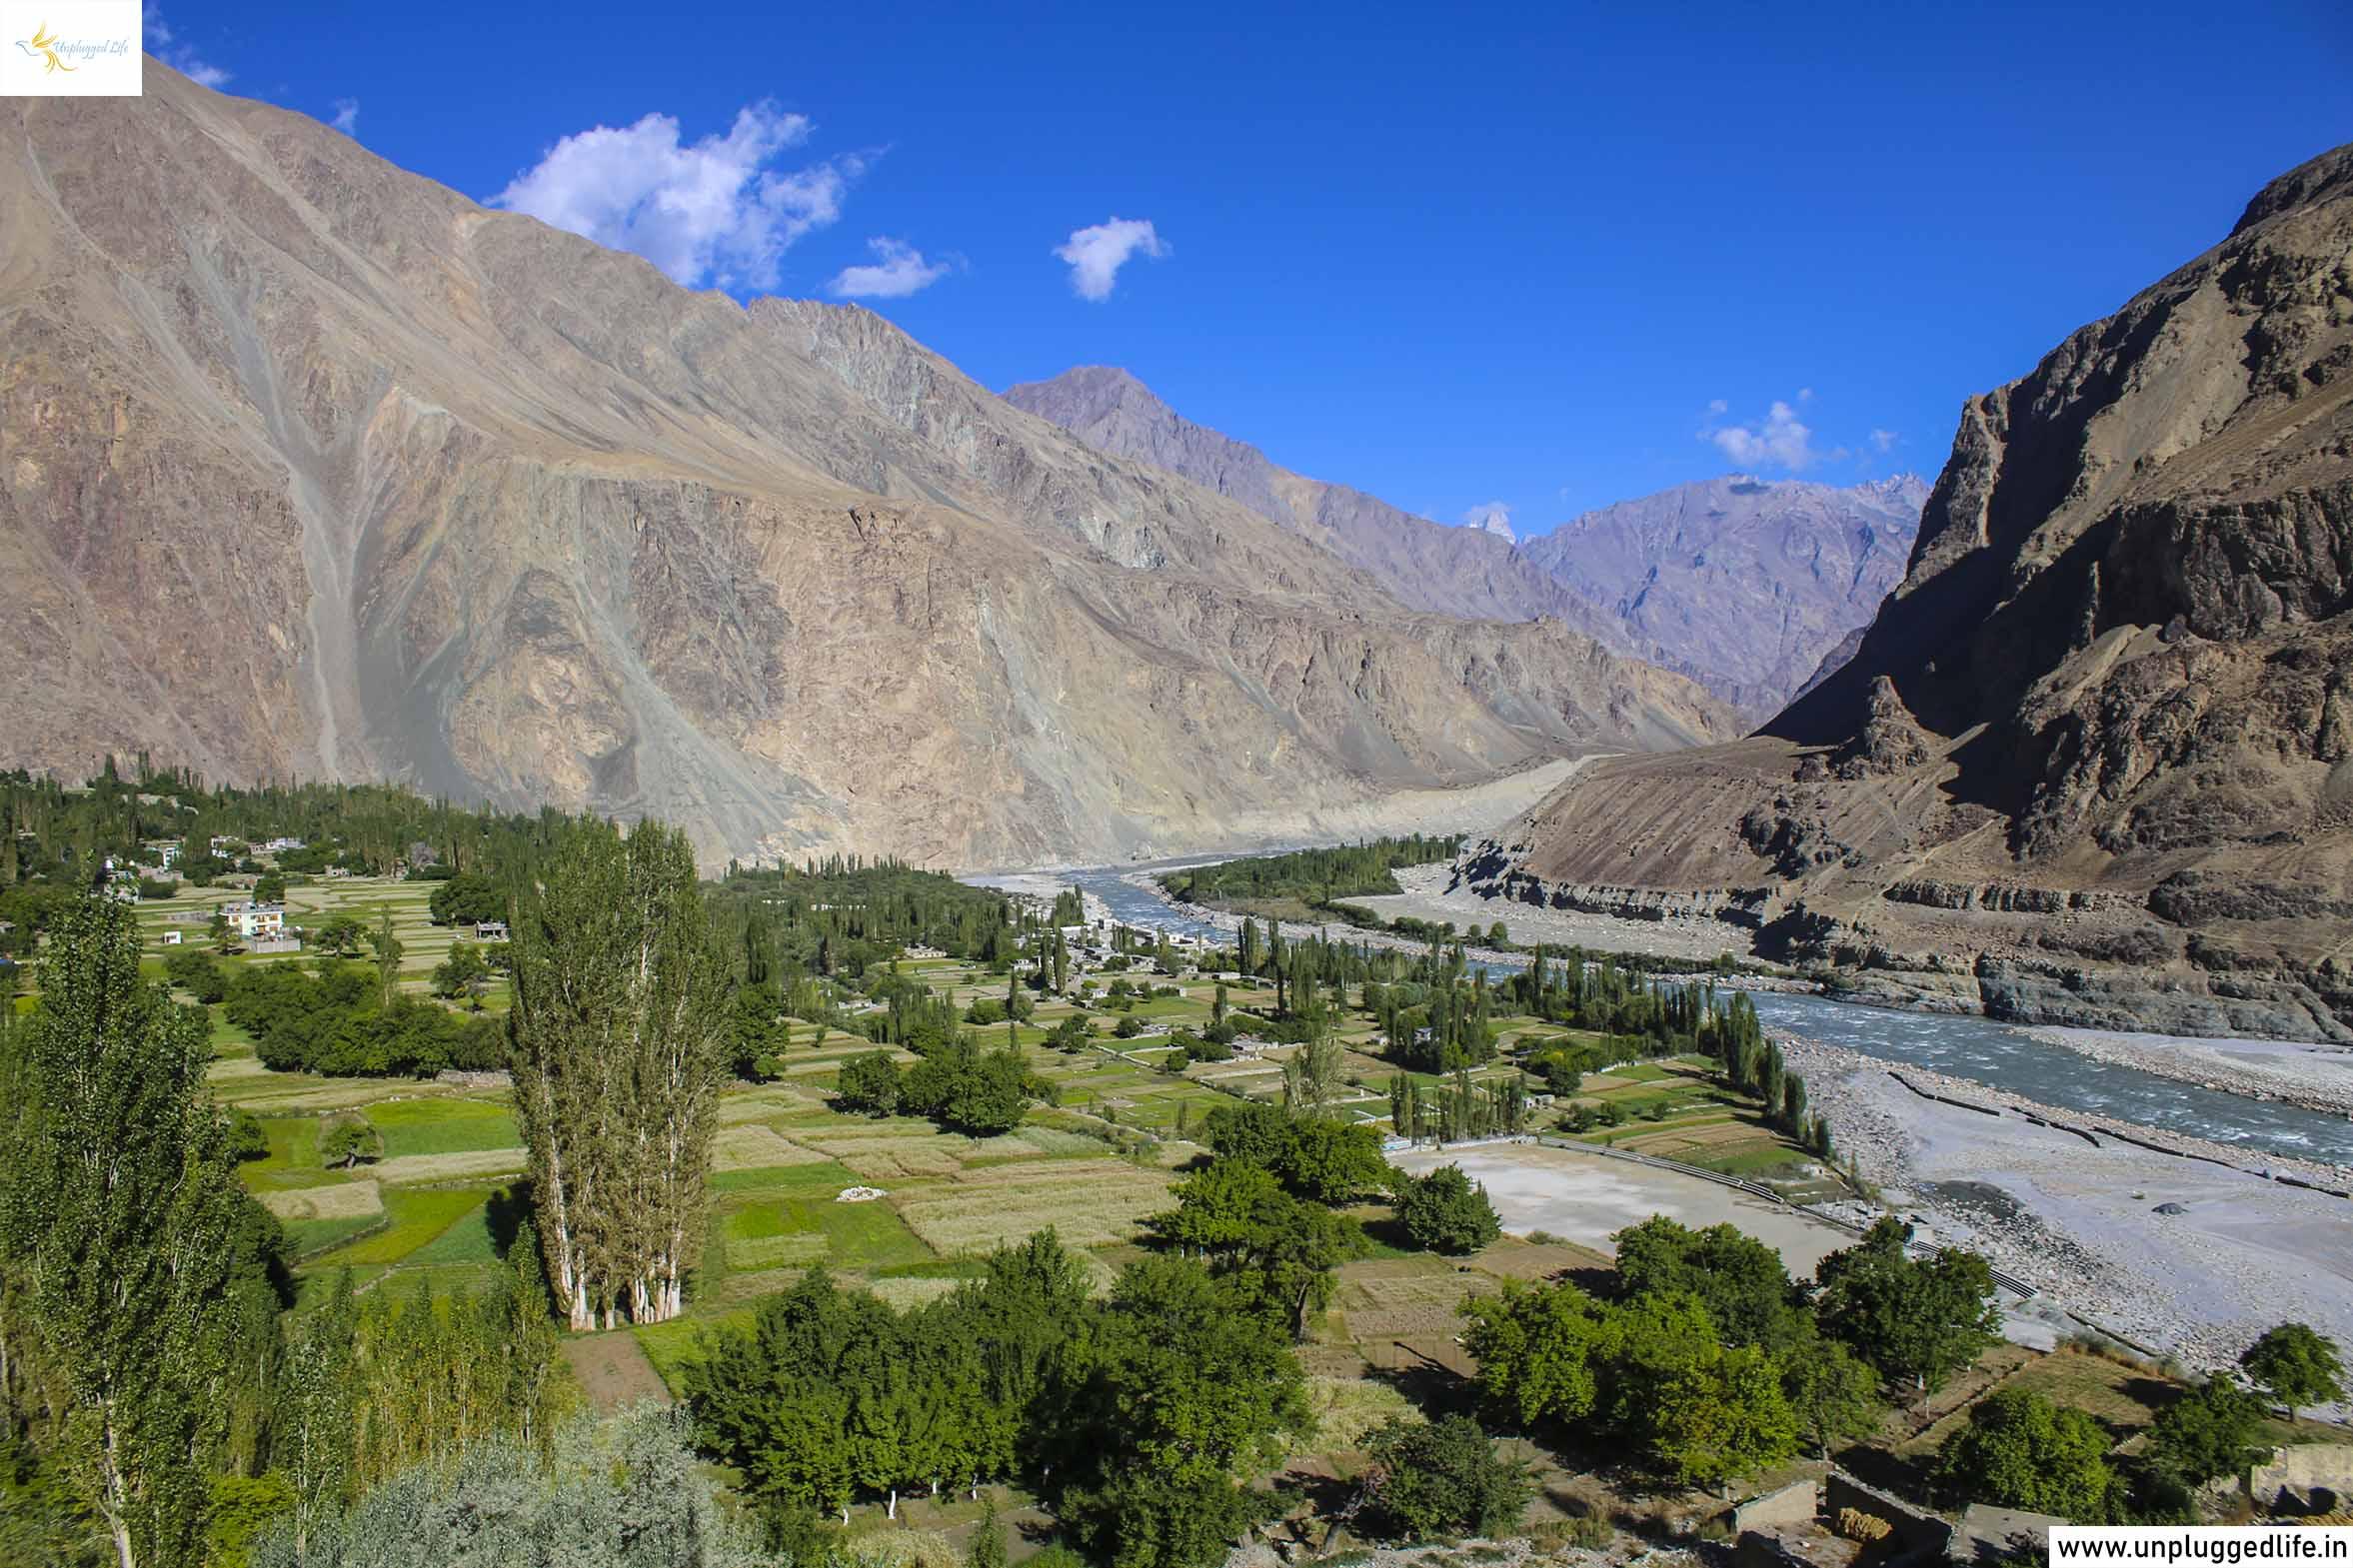 Turtuk Village in Ladakh, Remote Villages in Ladakh, Baltistan, Mountain,